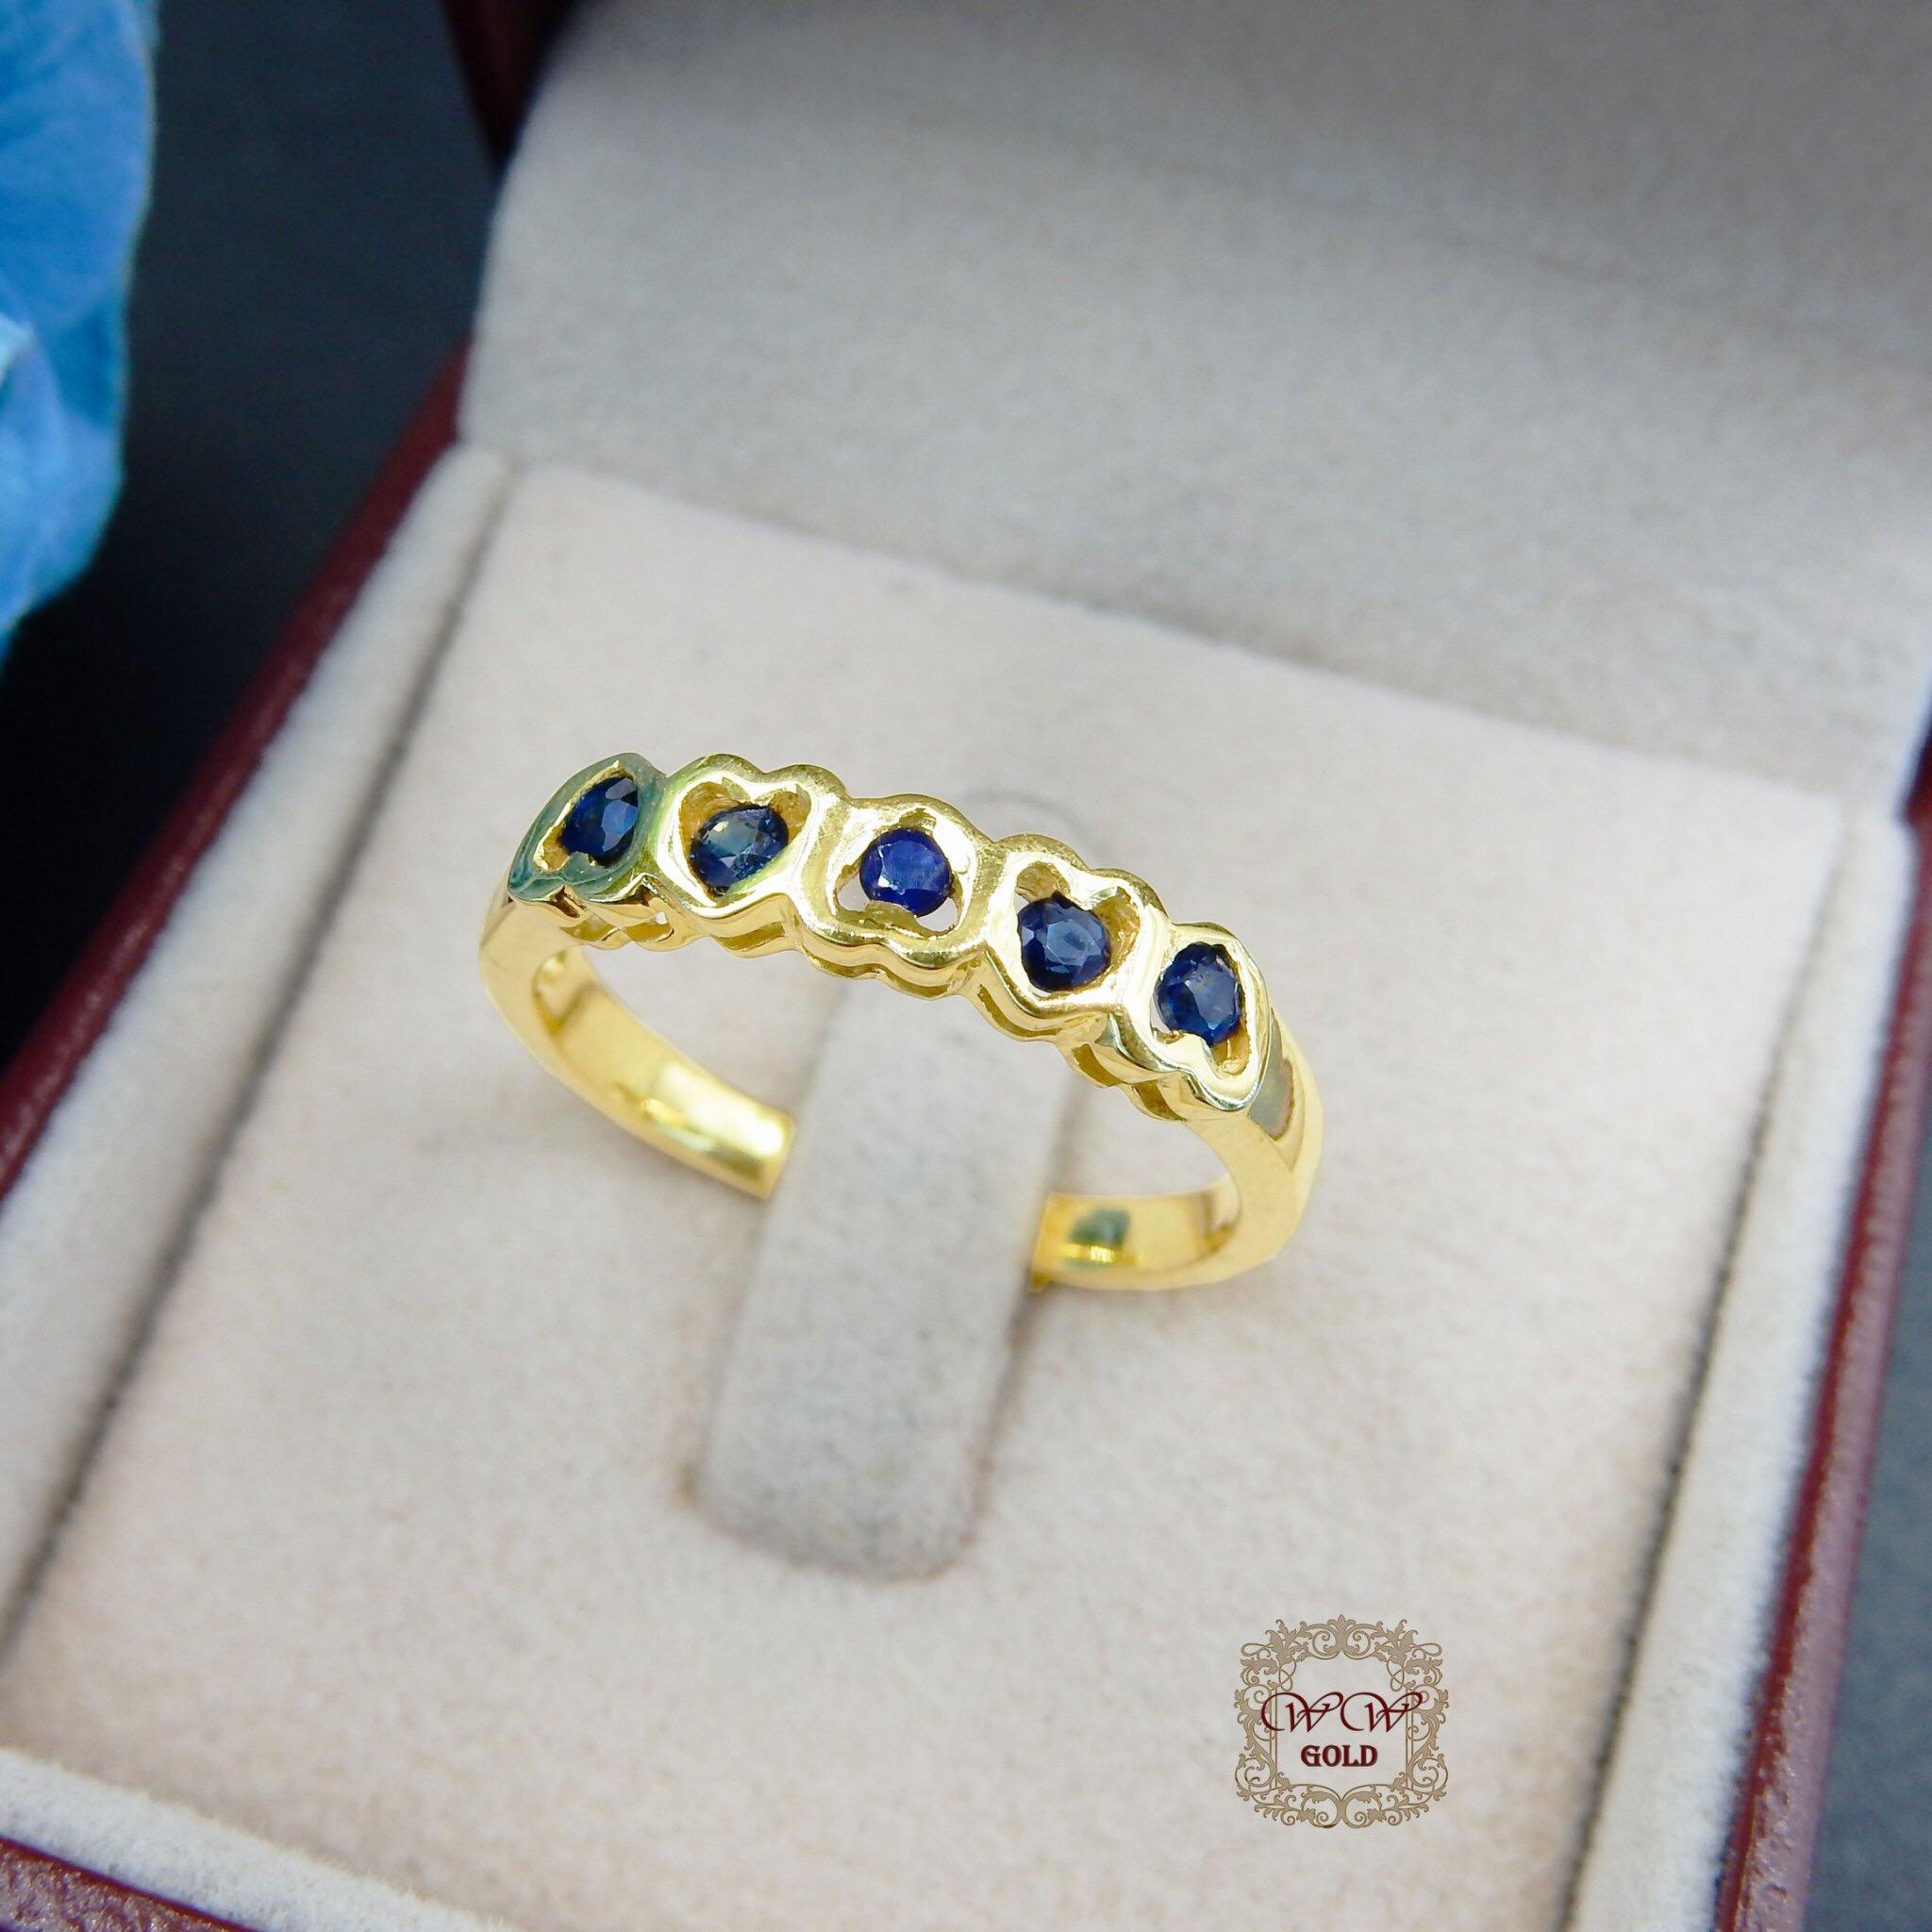 แหวนเพชรดีไซน์หัวใจ (ไพลินแท้)